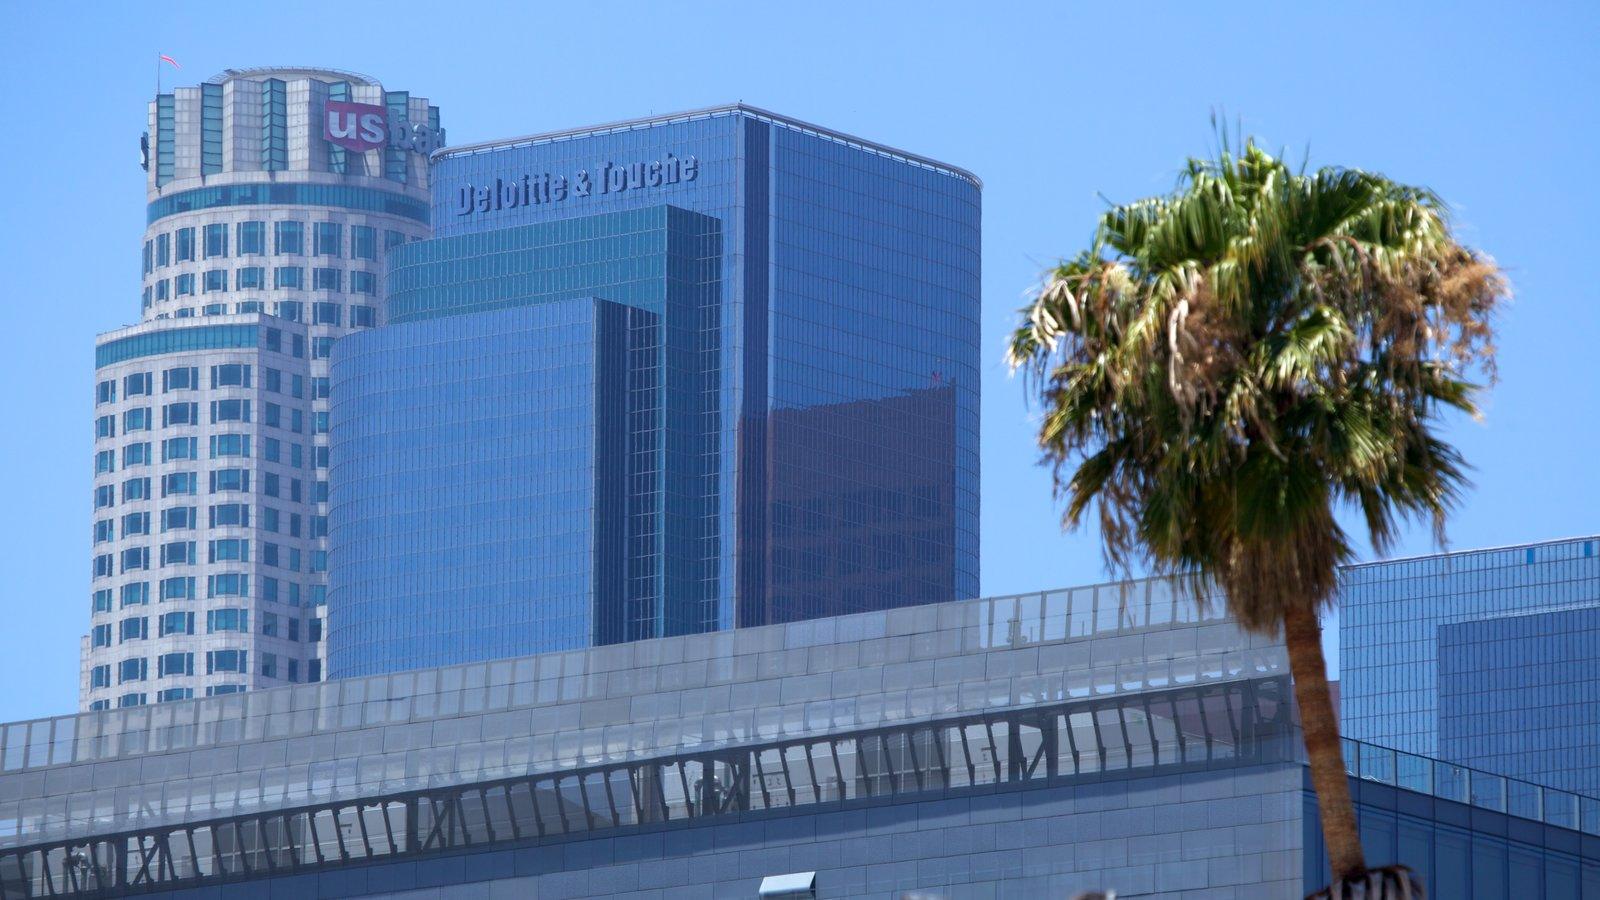 Centro de Los Ángeles ofreciendo vistas a la ciudad, horizonte y un rascacielos